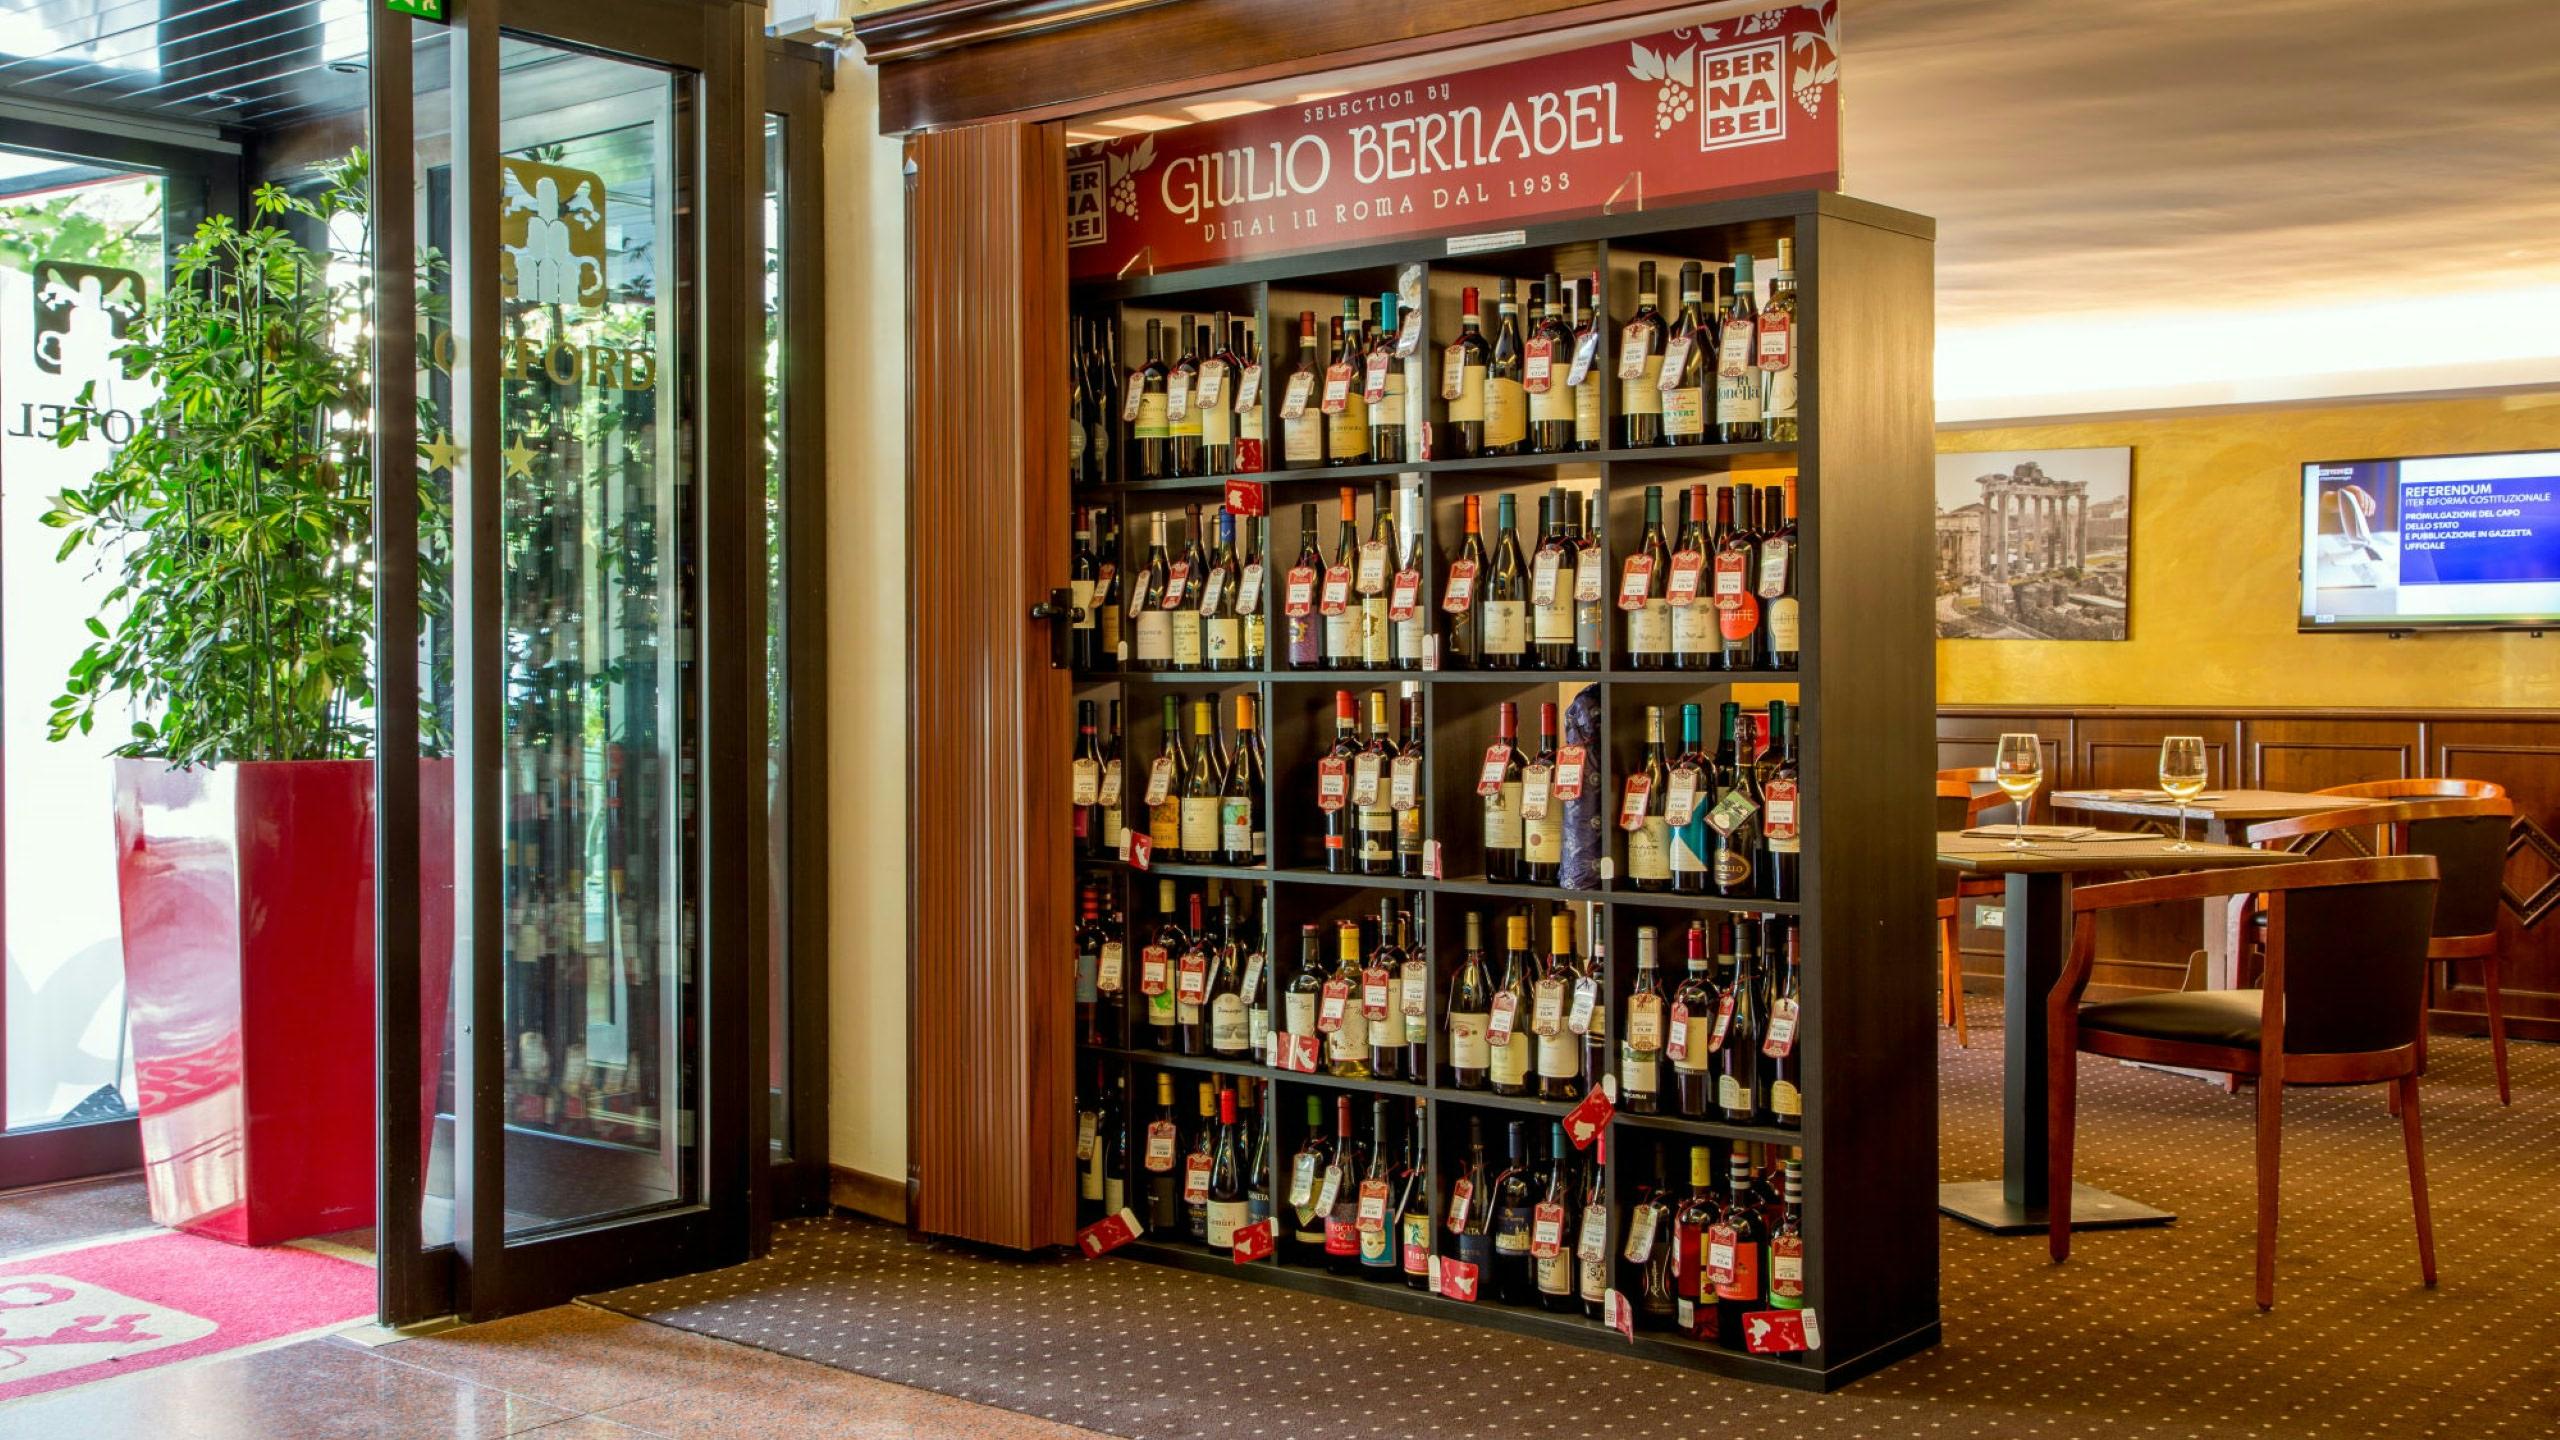 фото-отель-Оксфорд-Рим-винотека-13